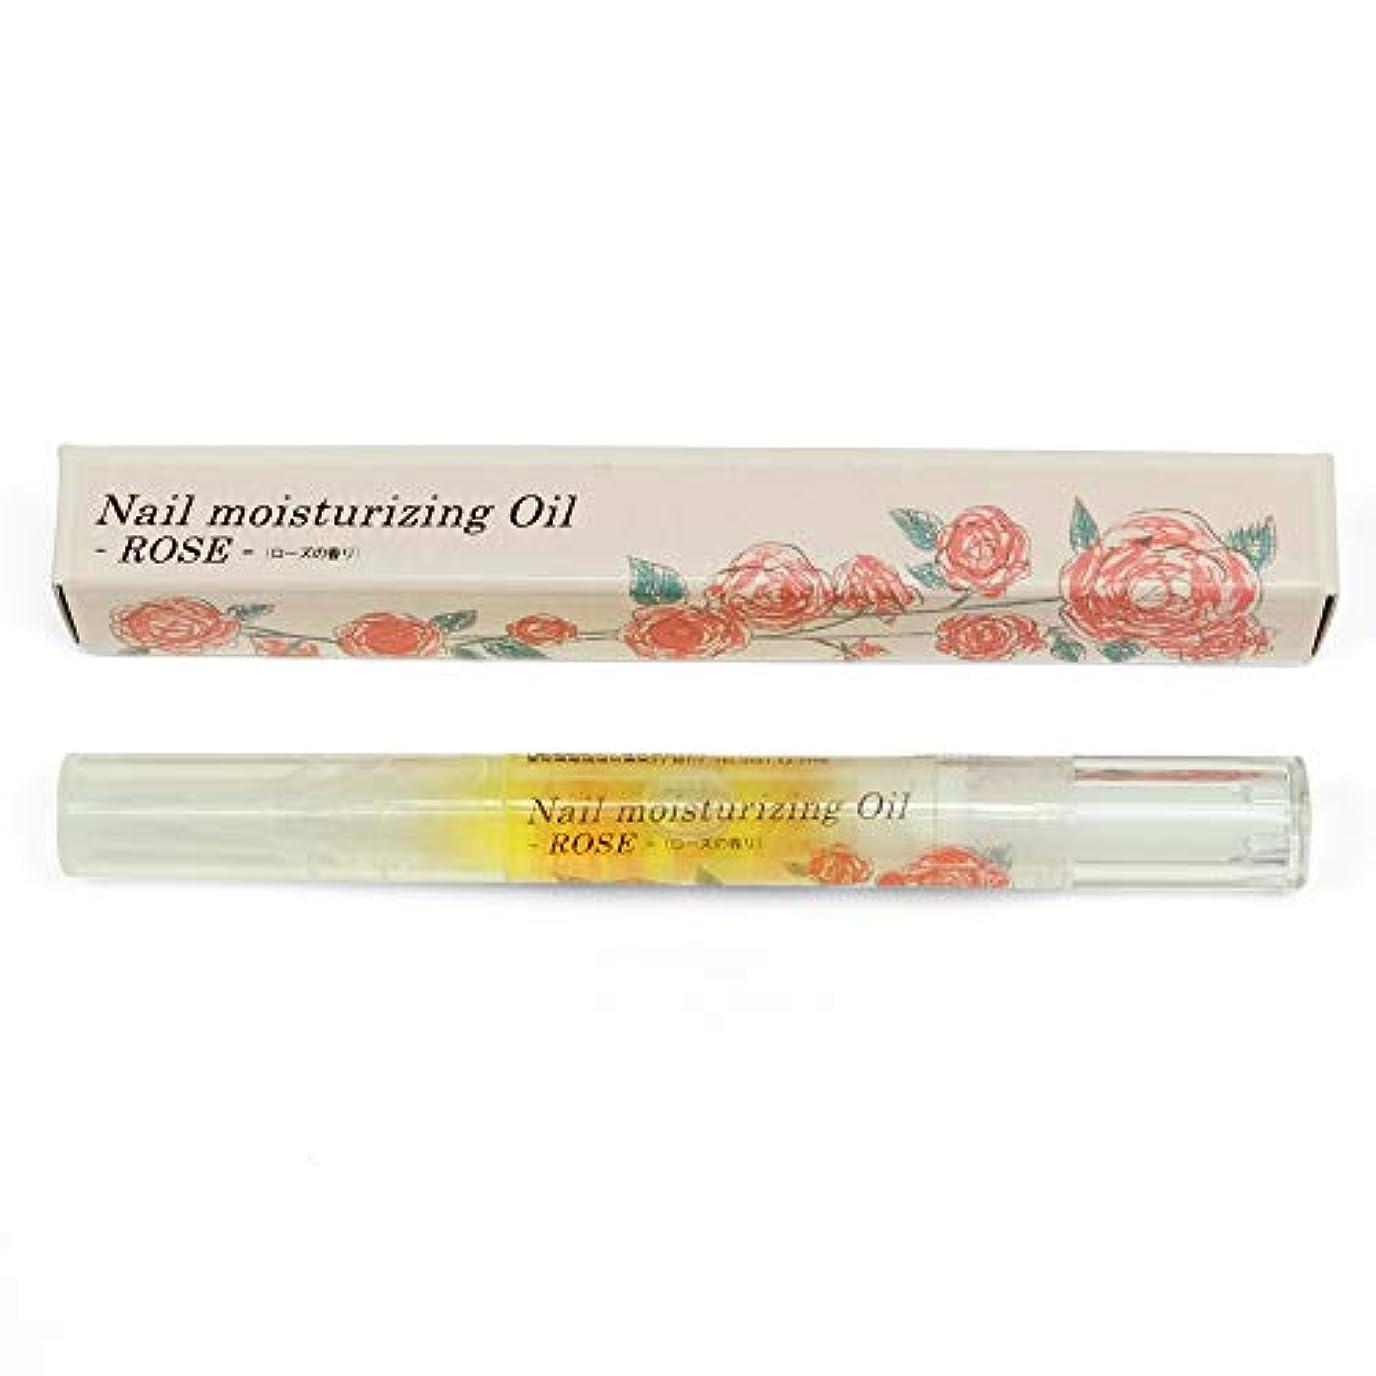 ミスペンドセージ流行ease Nail moisturizing Oil ネイルオイルペン(ローズの香り) 2ml